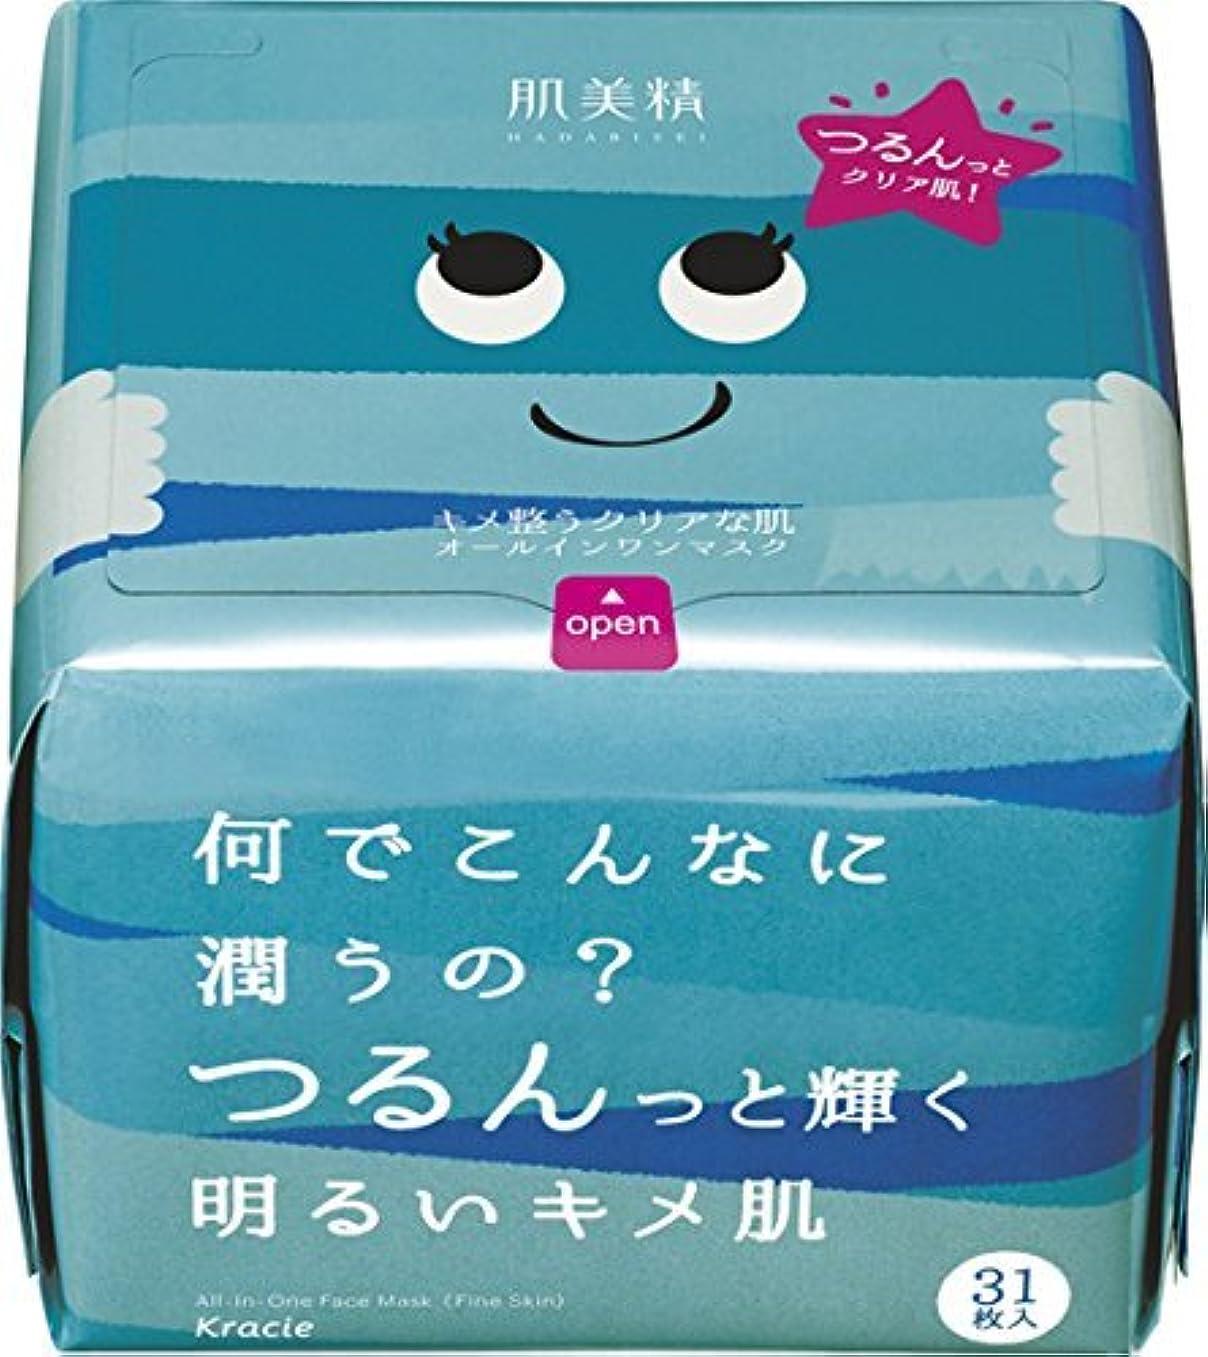 芸術でも綺麗な肌美精 デイリーモイスチュアマスク (キメ透明感) 31枚